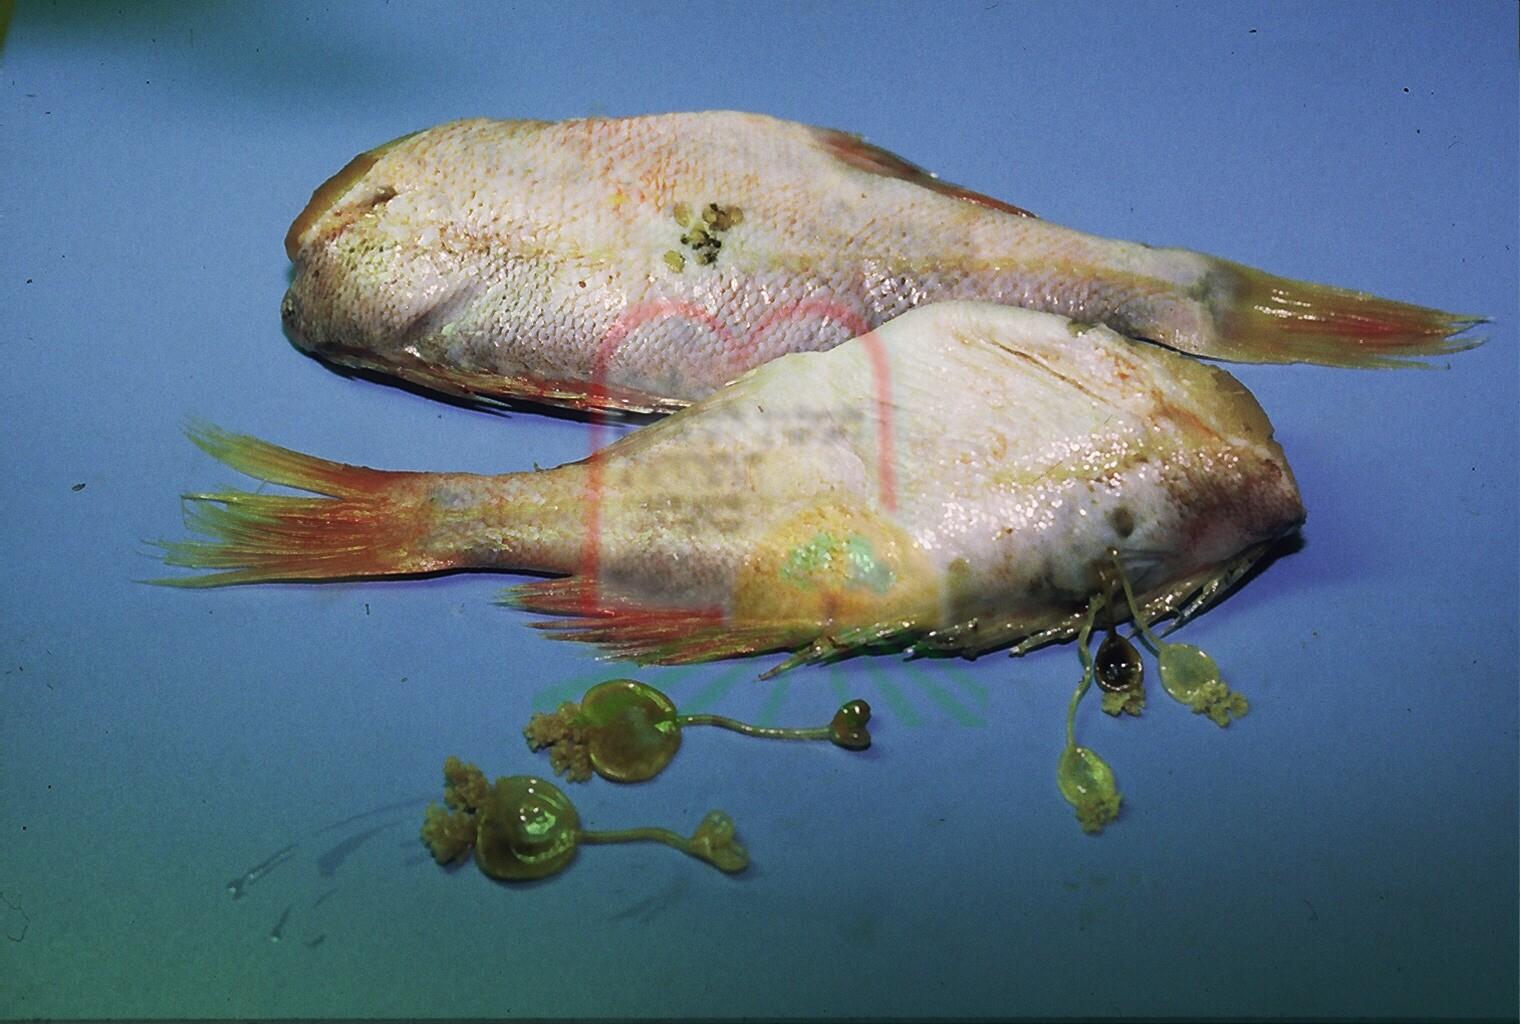 טפילים מרובים תקועים בתוך דג רוטברש